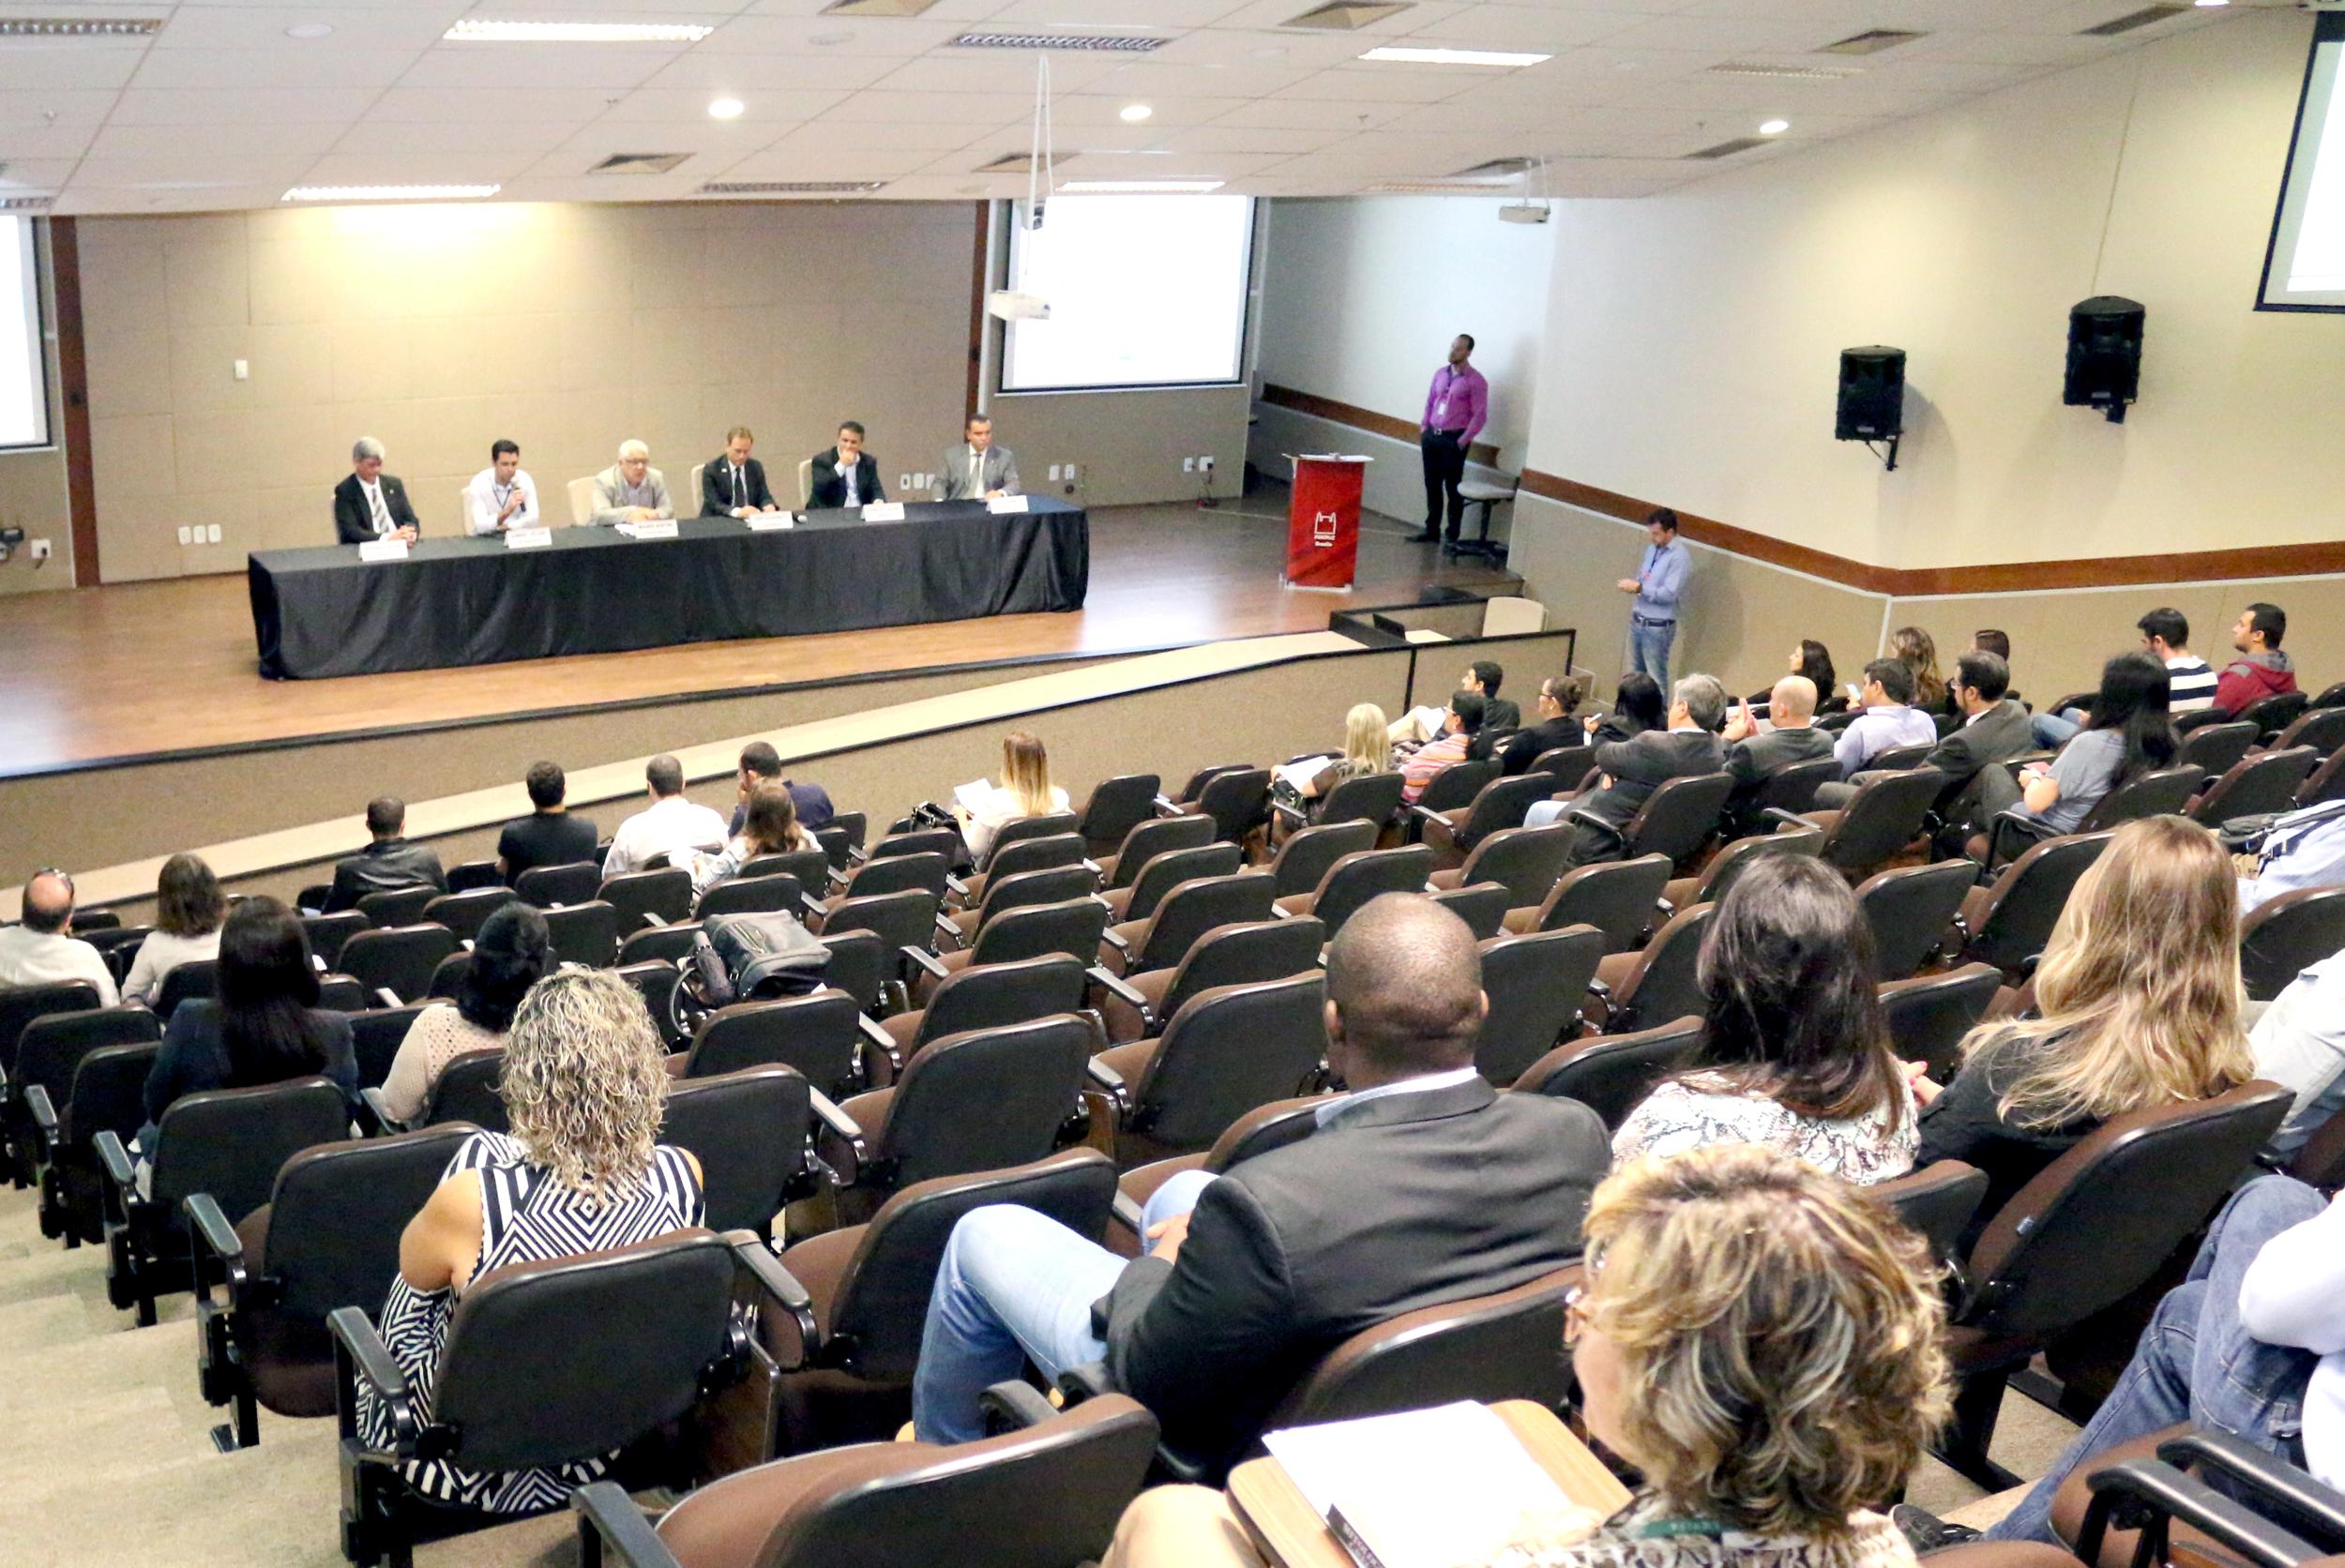 Evento foi realizado na Fiocruz Brasília